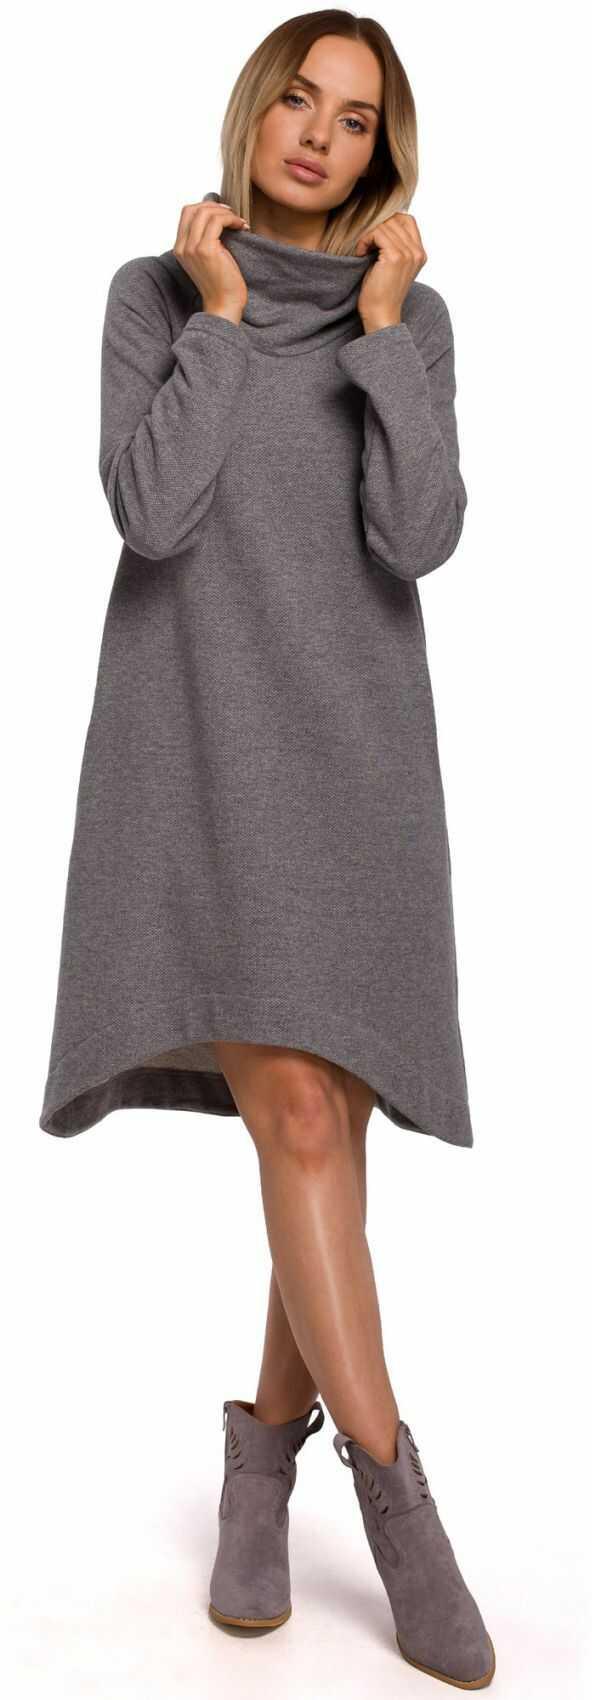 M551 Sukienka z asymetrycznym dołem - szara